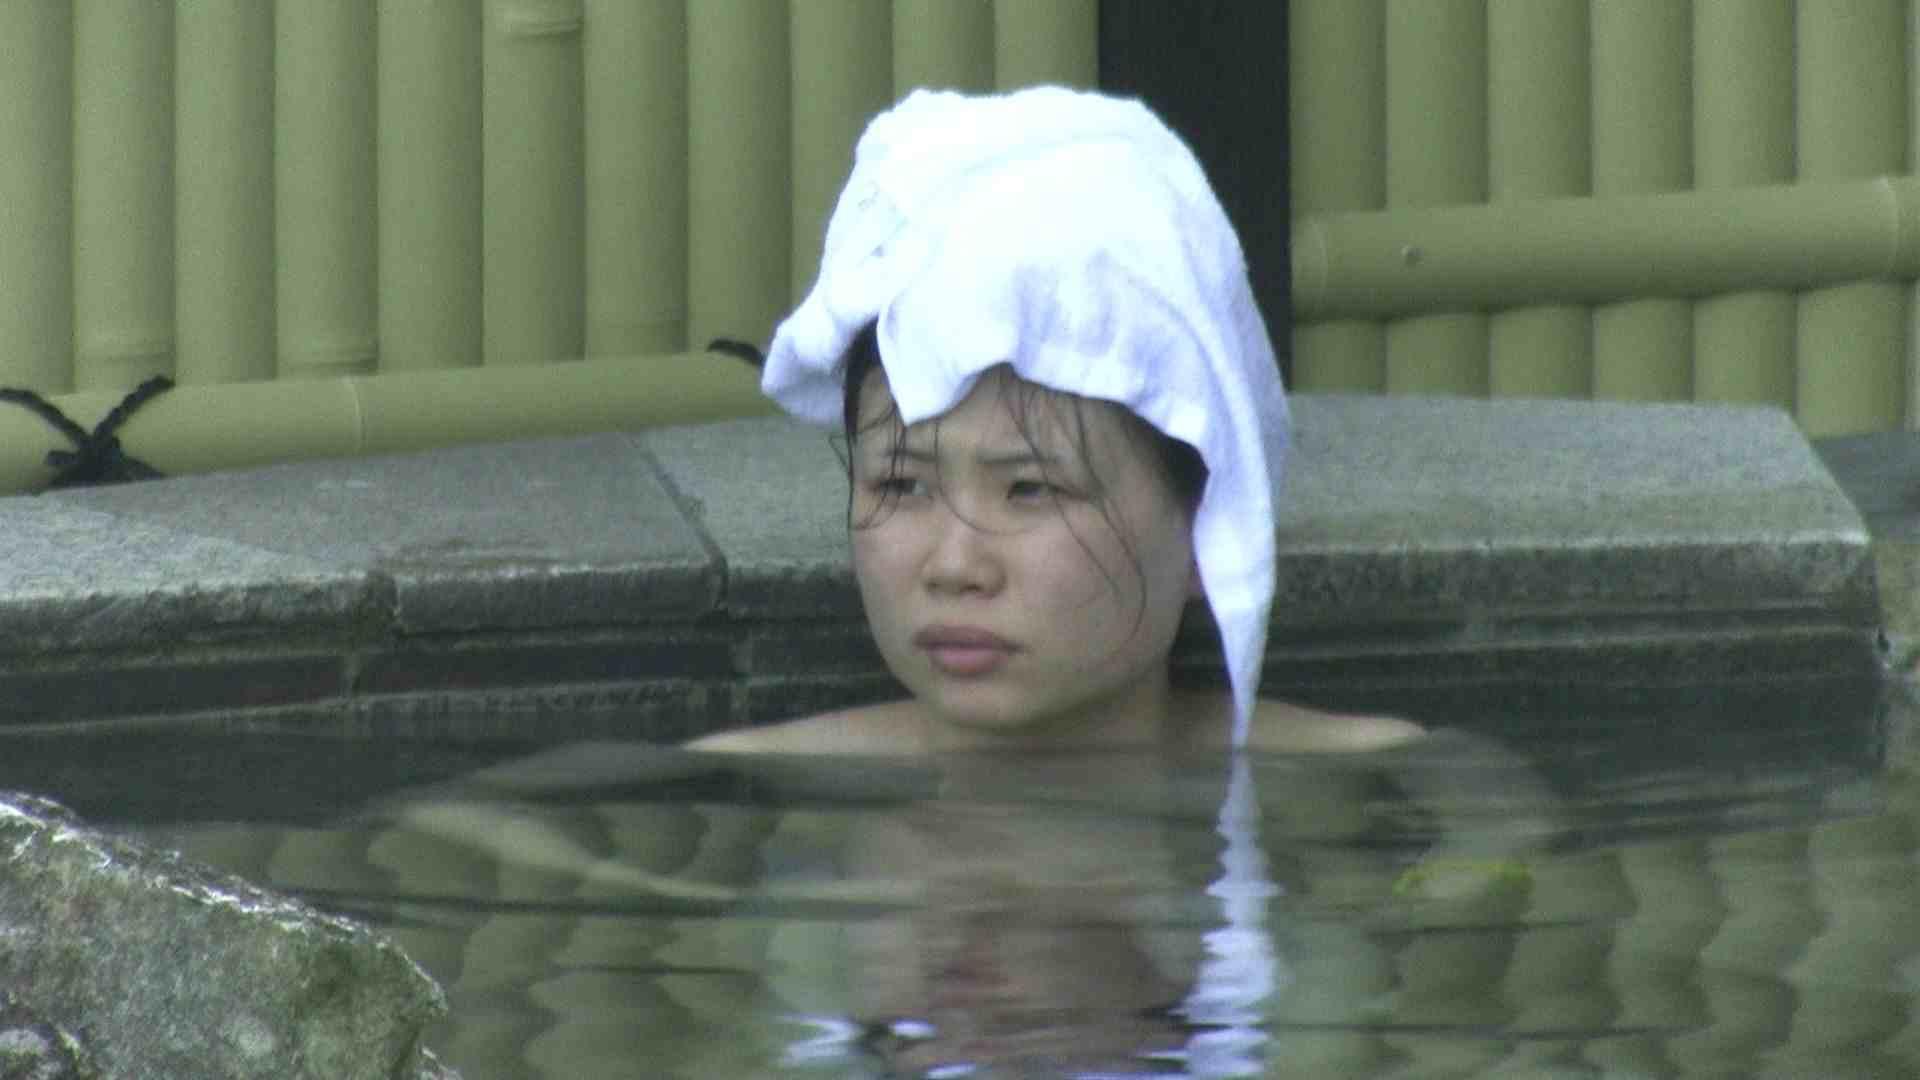 Aquaな露天風呂Vol.183 美しいOLの裸体  105pic 90